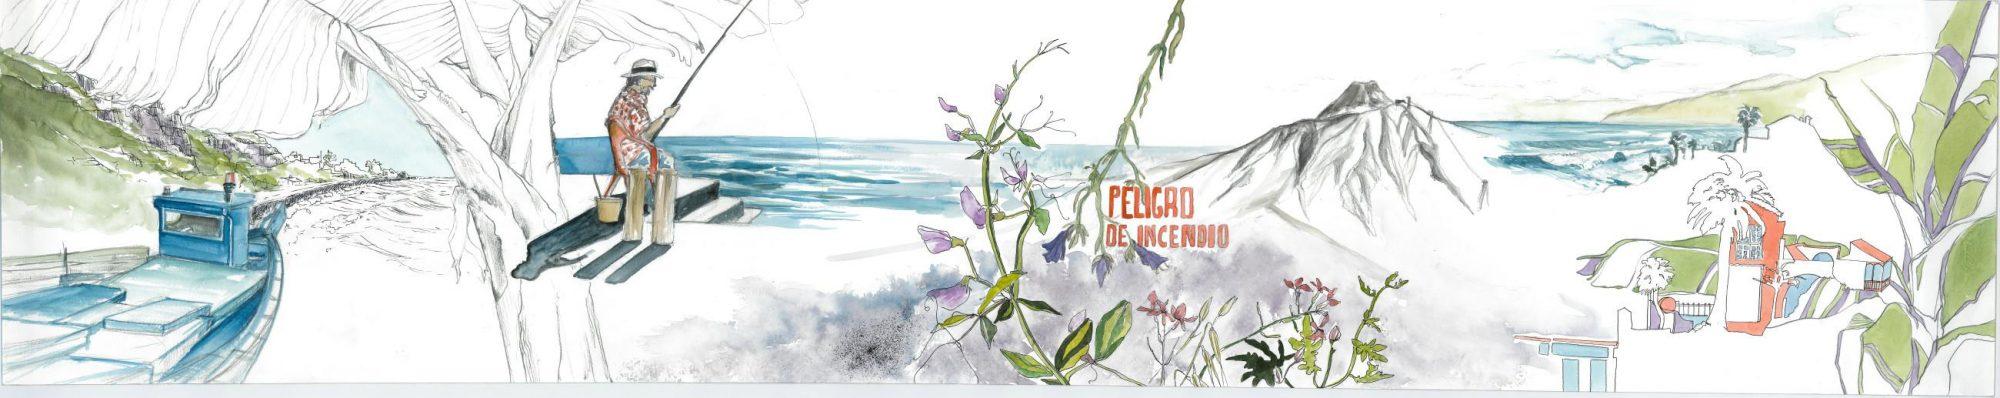 Peligro de Incendio, 2013 Aquarell, 150x25 cm